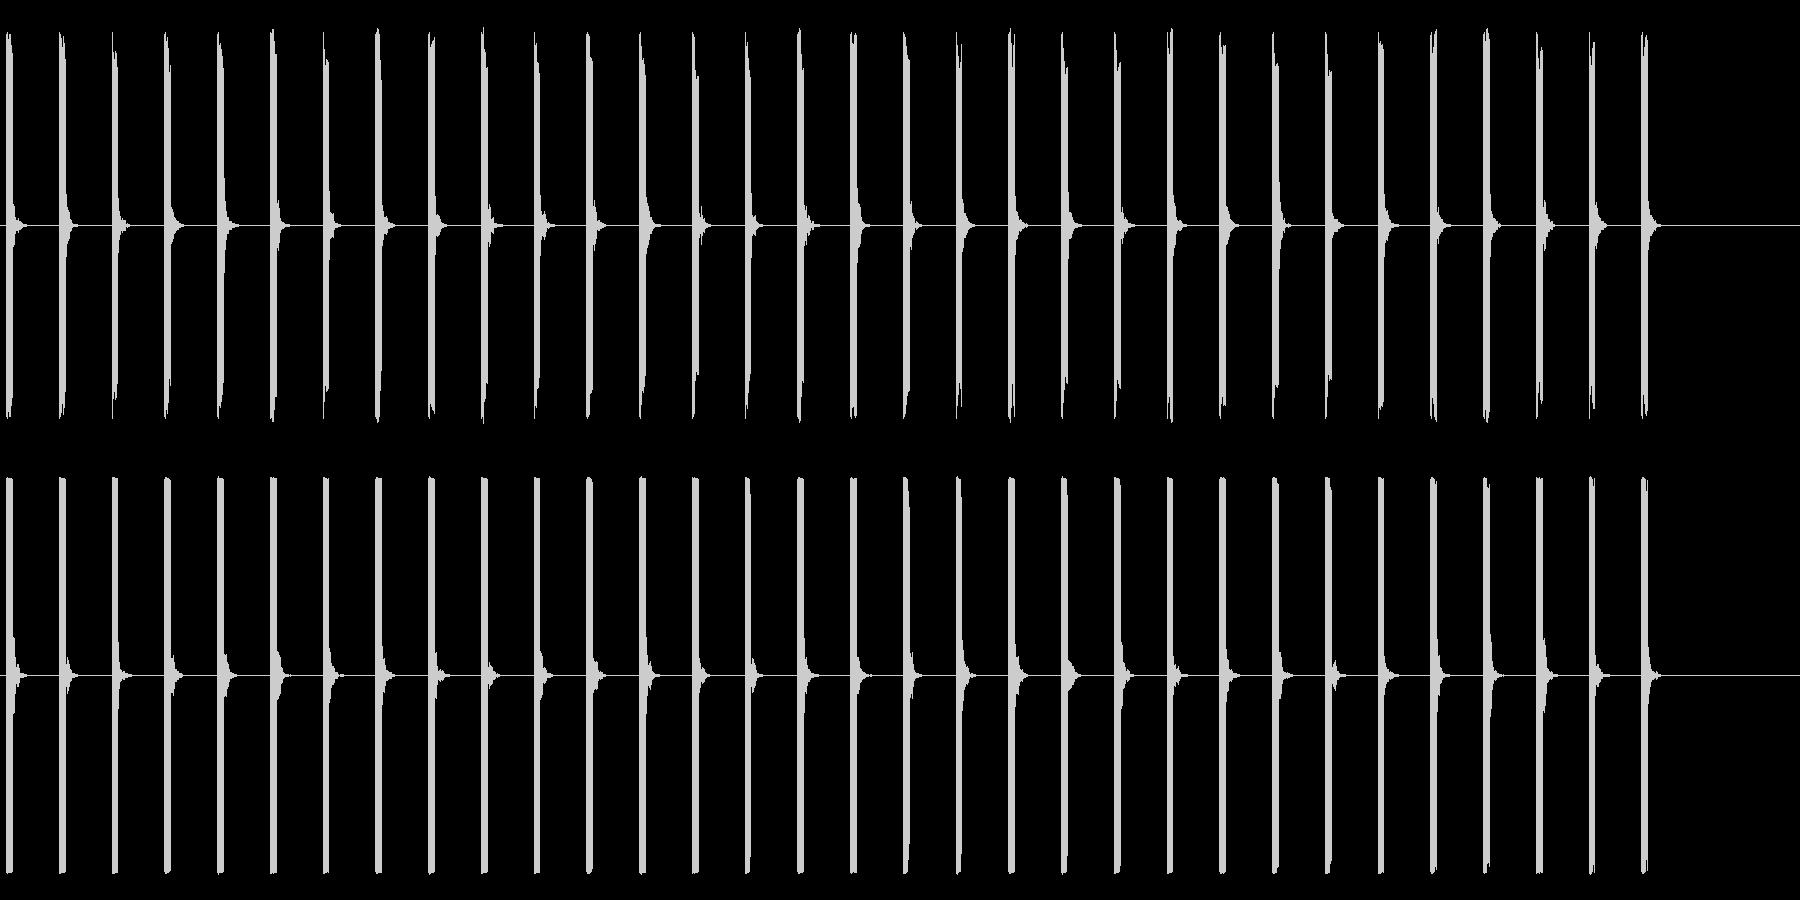 心電図の音-1-1(BPM40)の未再生の波形